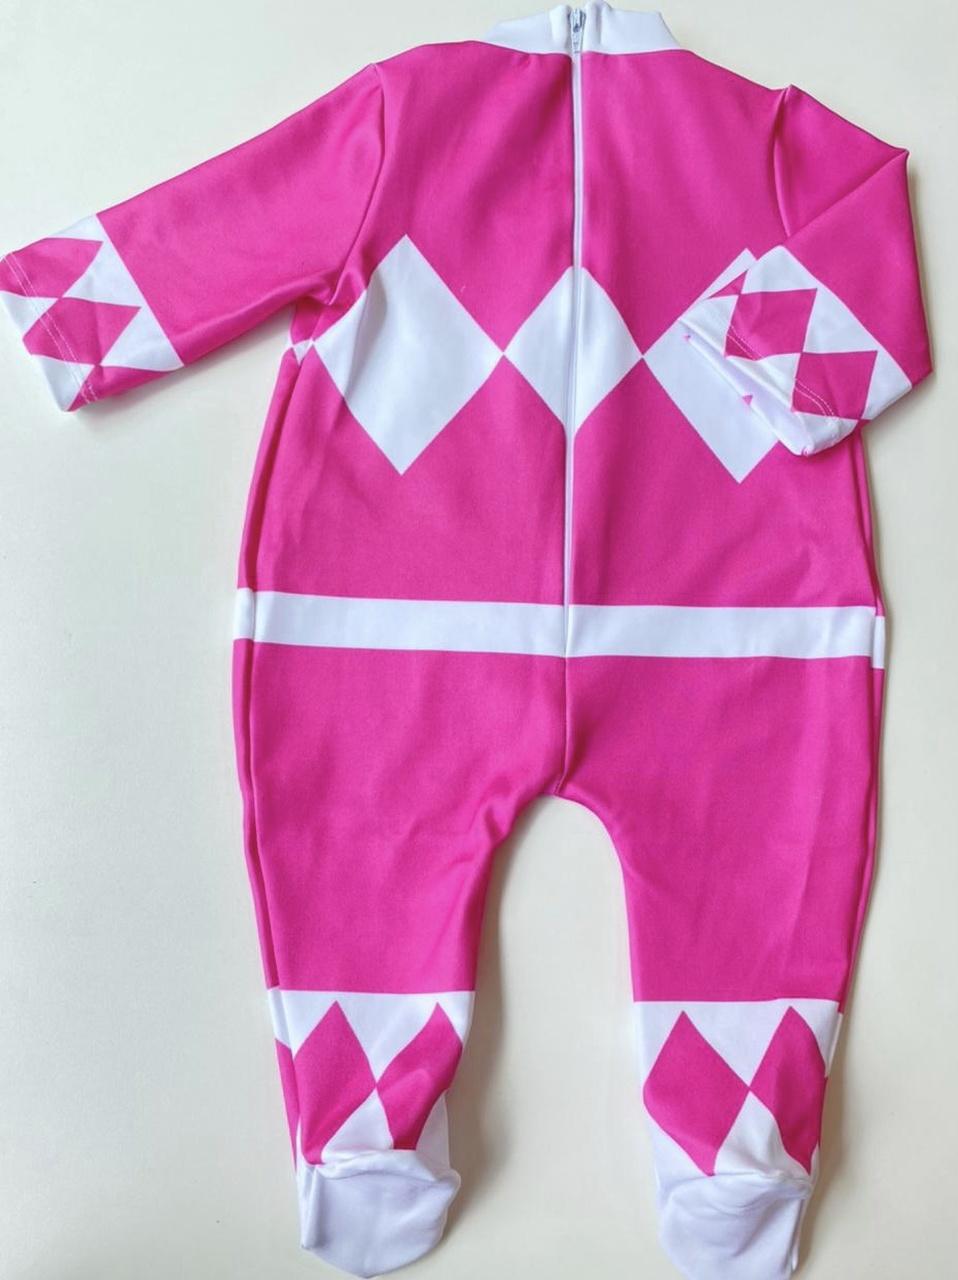 Fantasia Power Ranger Baby